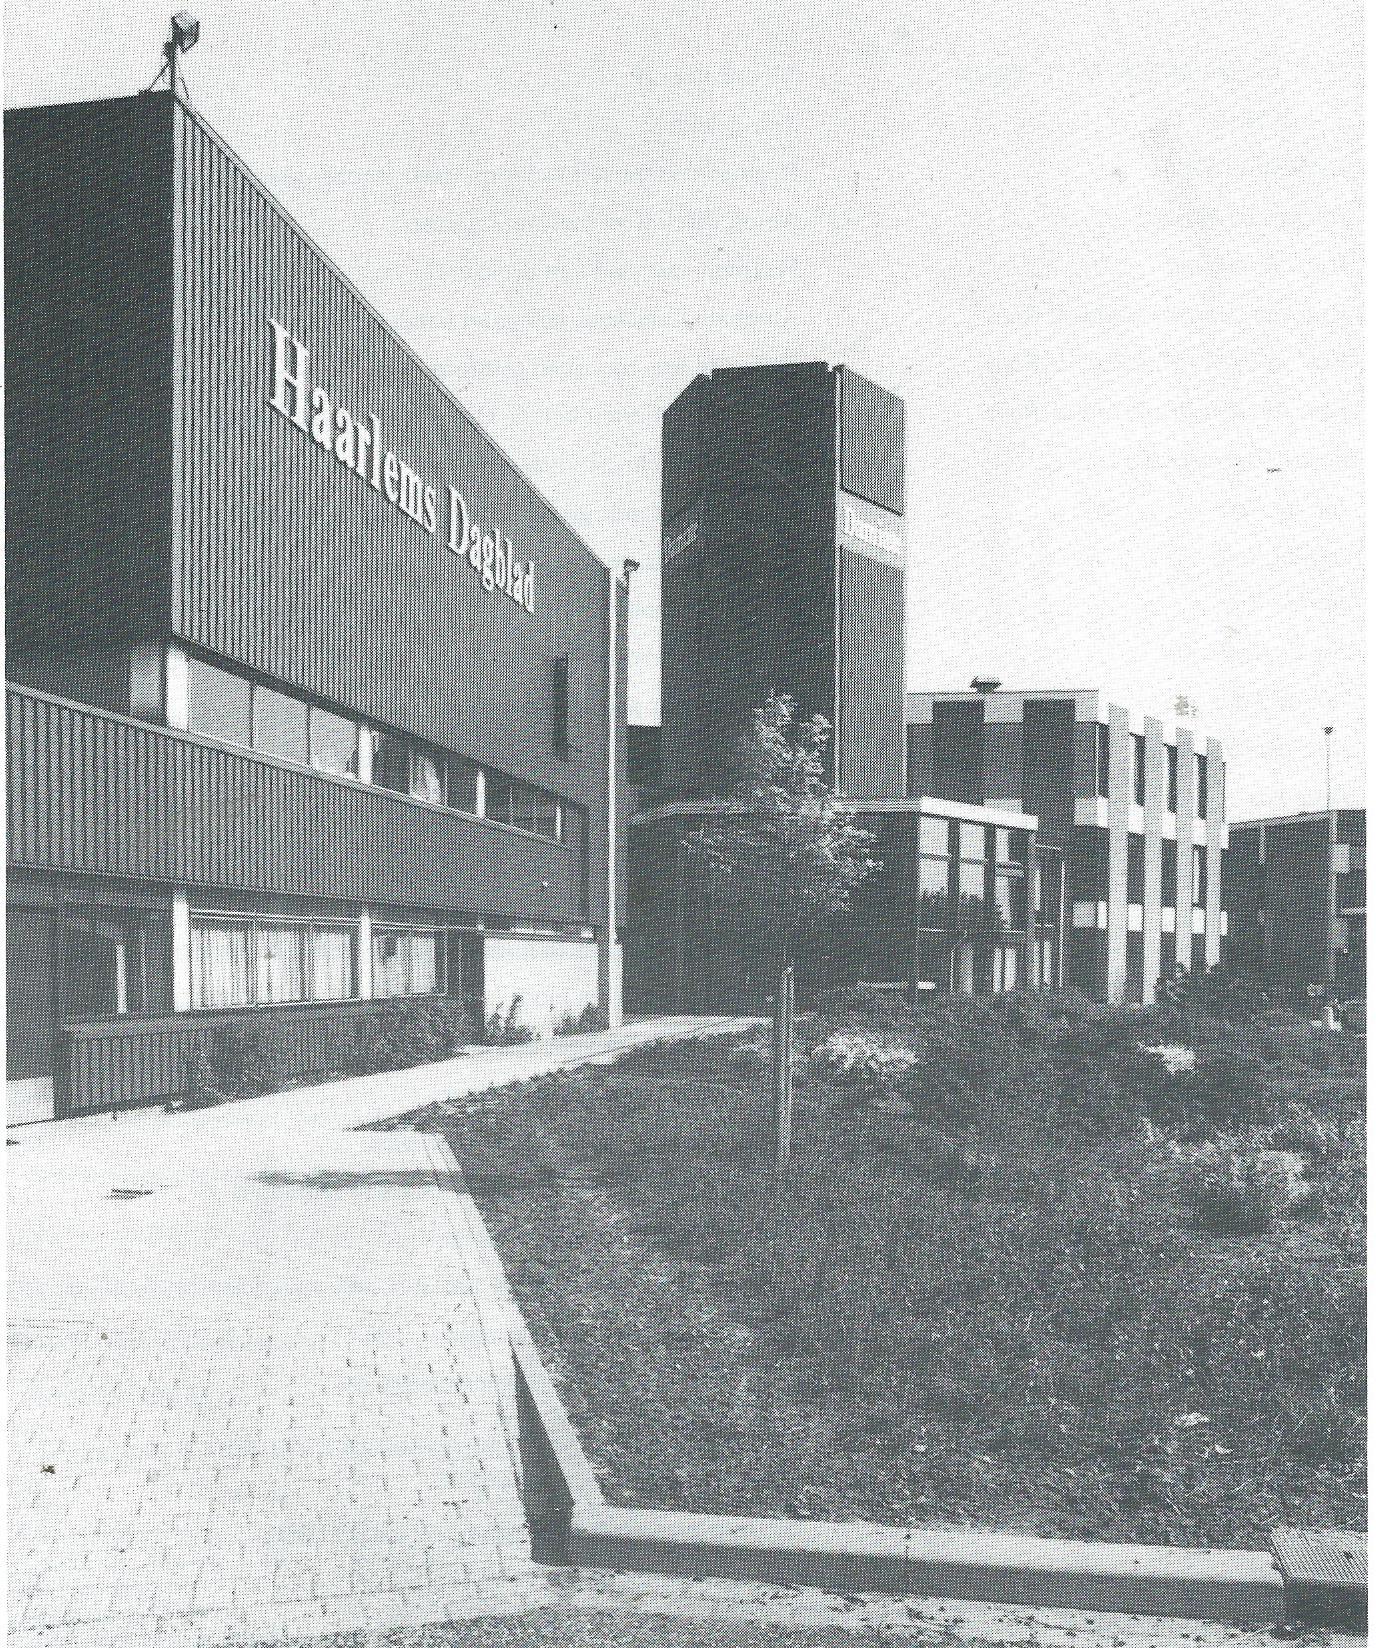 Haarlemsdaniate.jpg